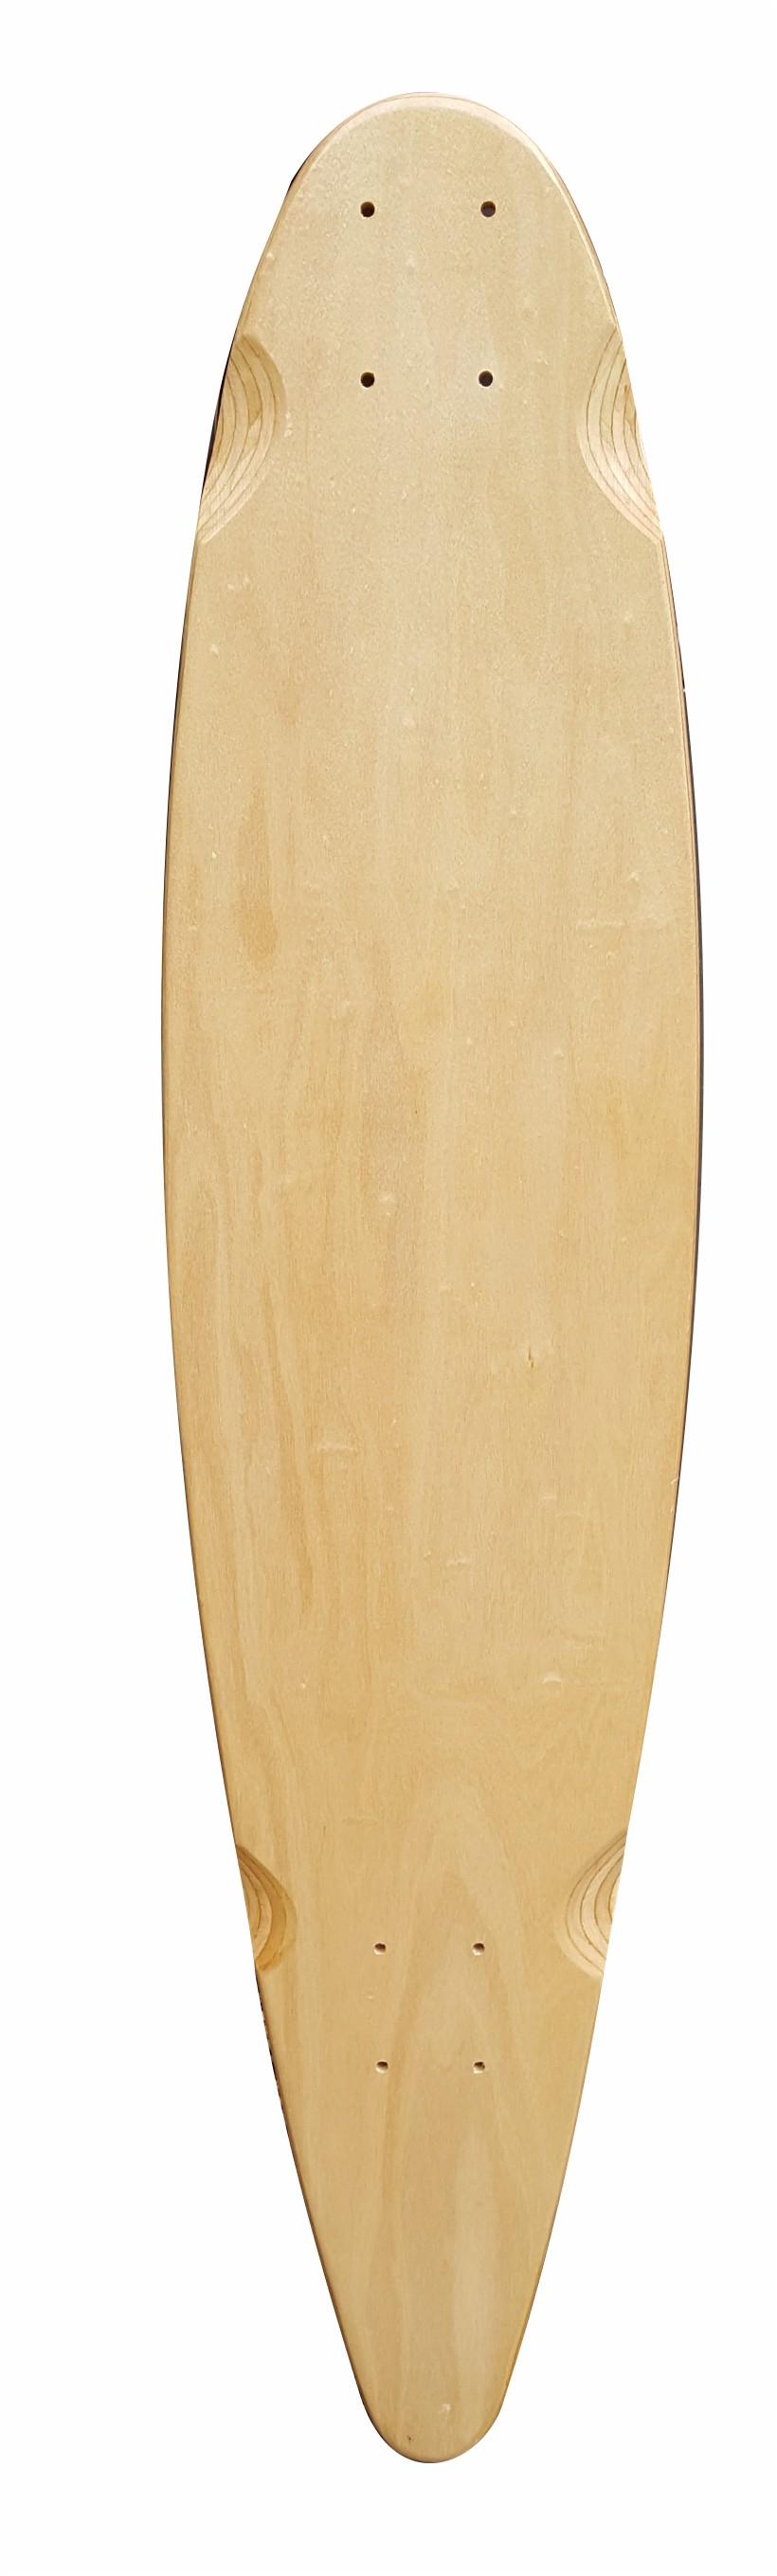 Promo Longboard Decks (Bottom)